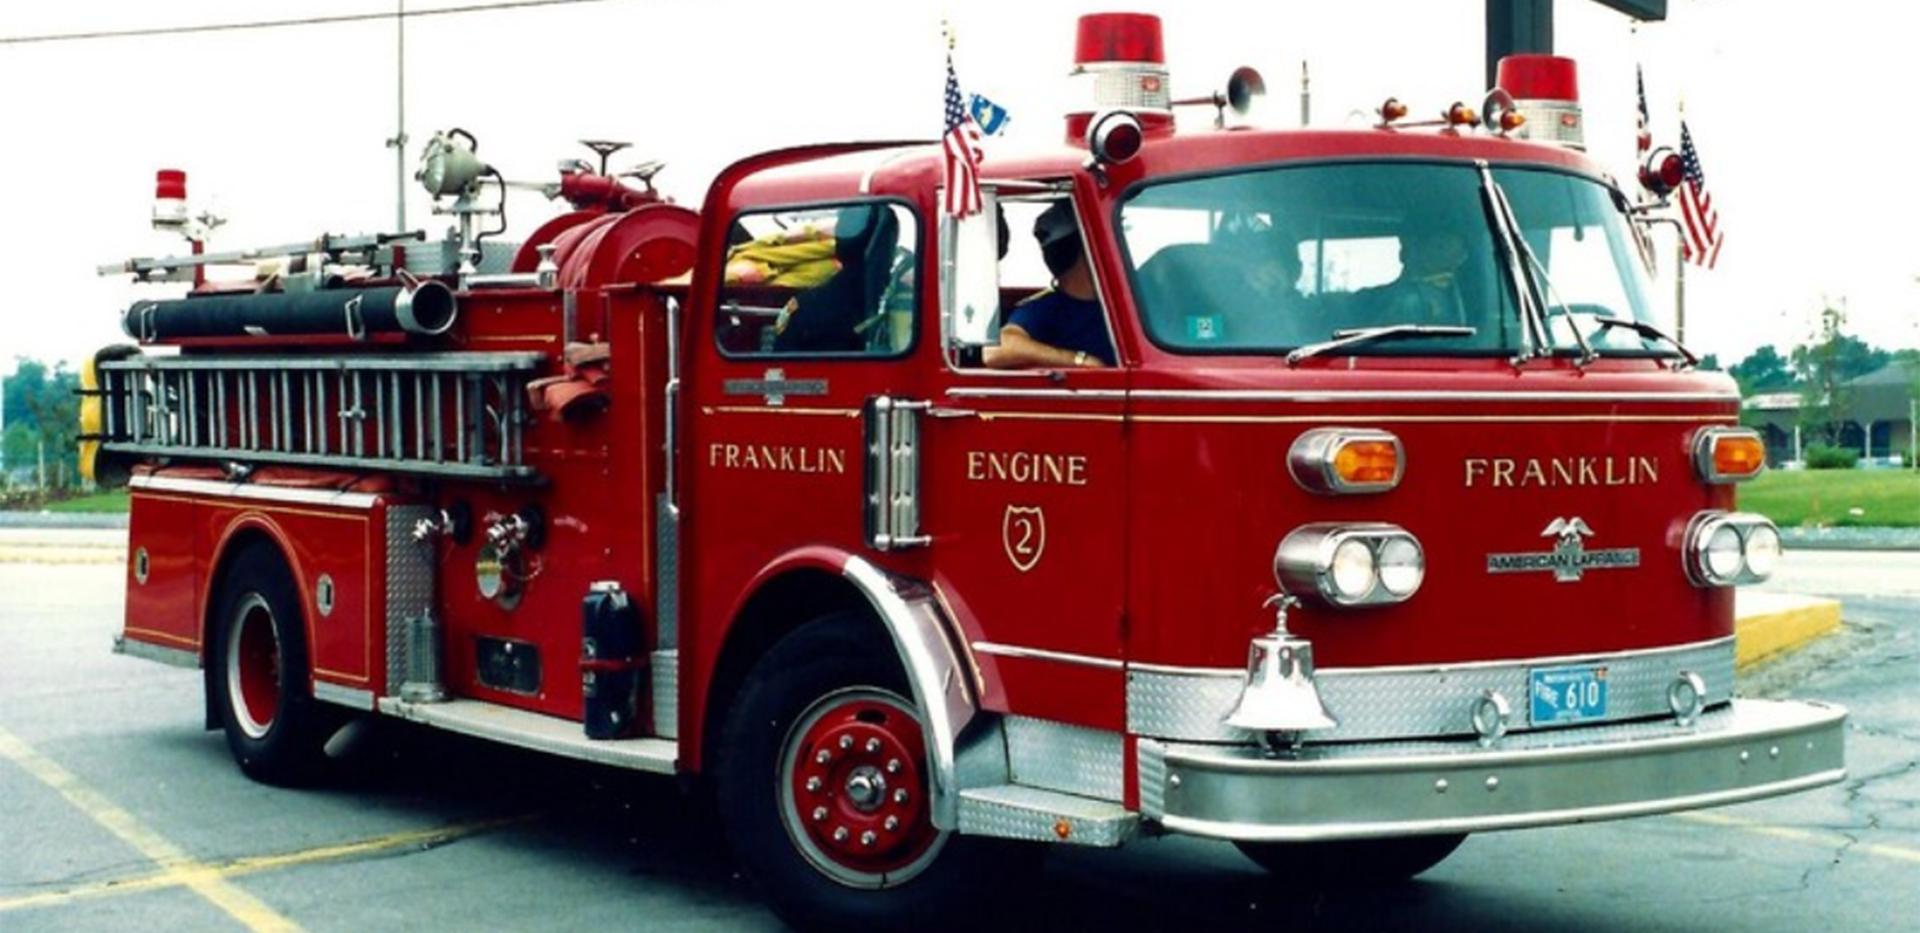 Franklin Engine 2.png